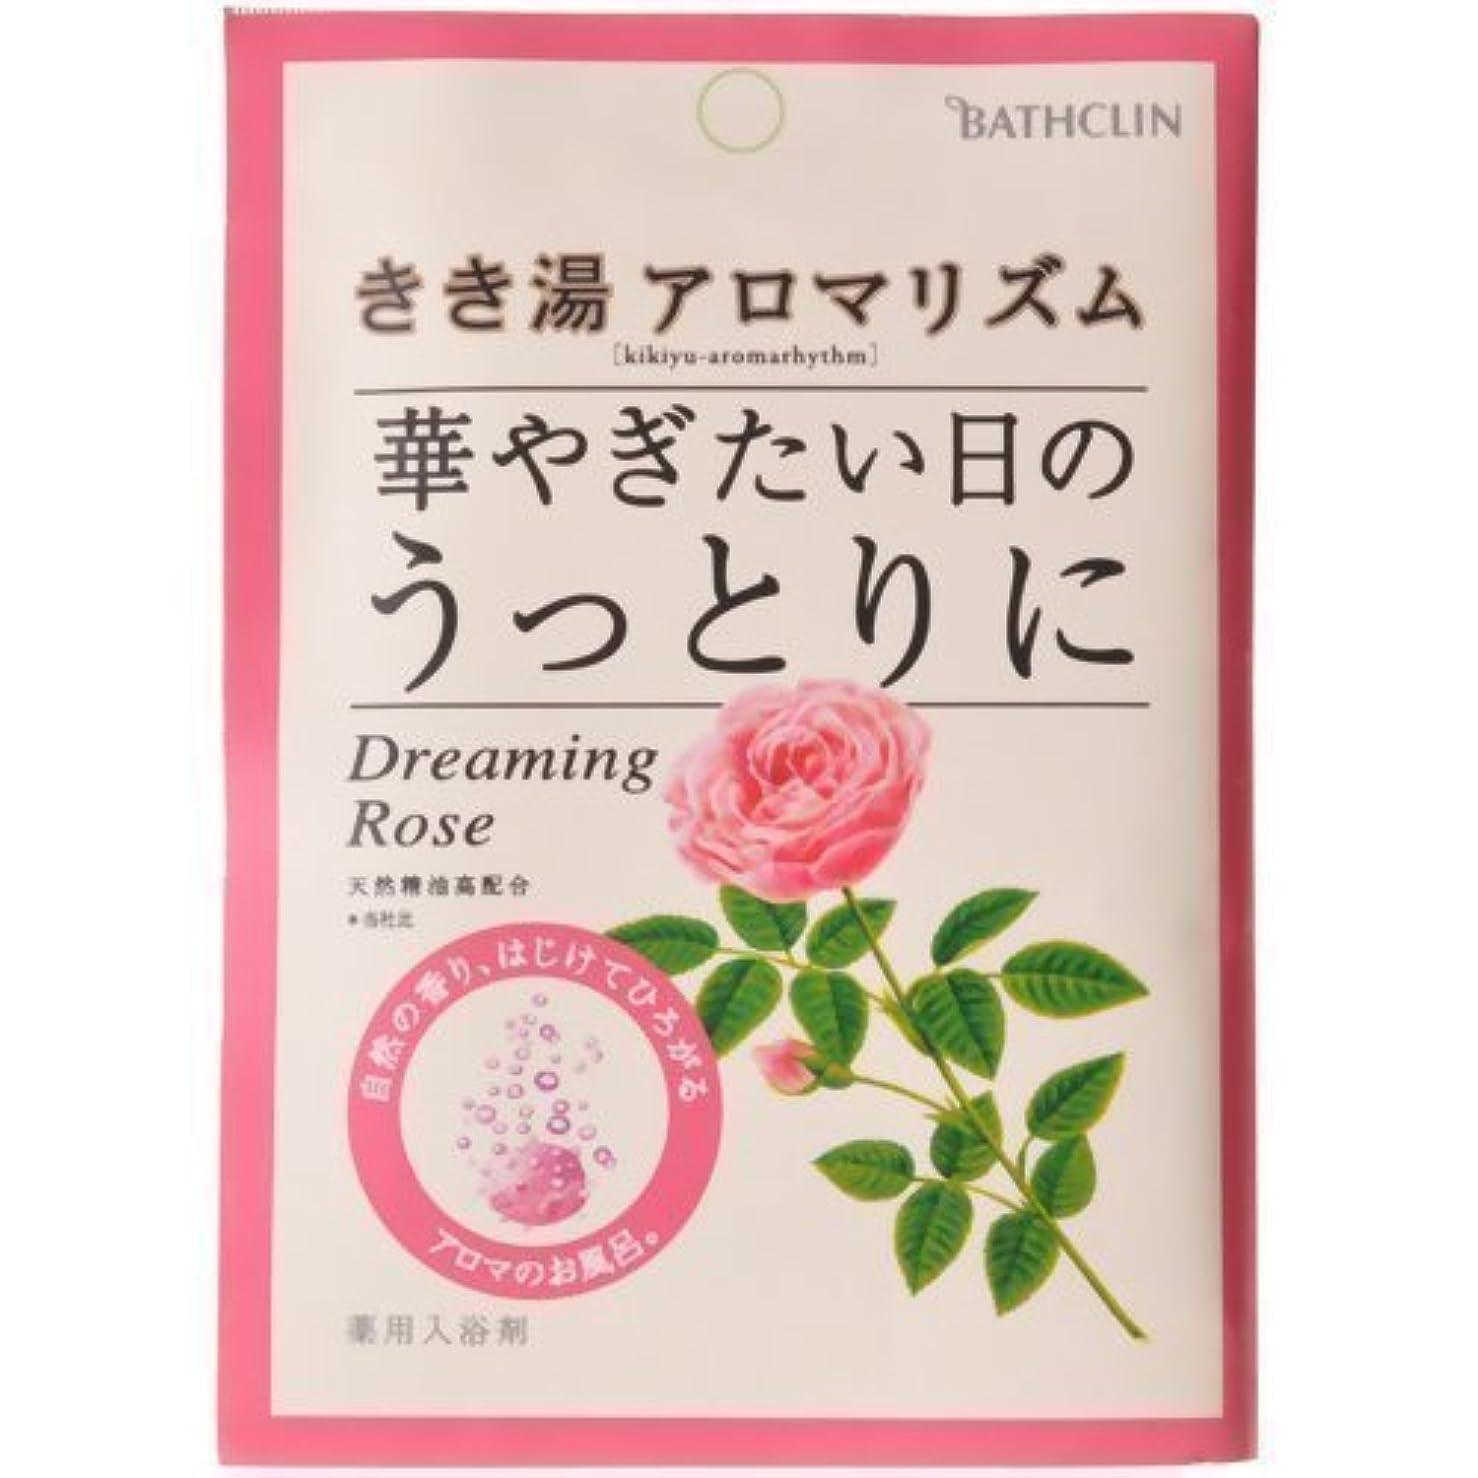 肉腫蓮追加する【まとめ買い】きき湯 アロマリズム ドリーミングローズの香り 30g ×6個